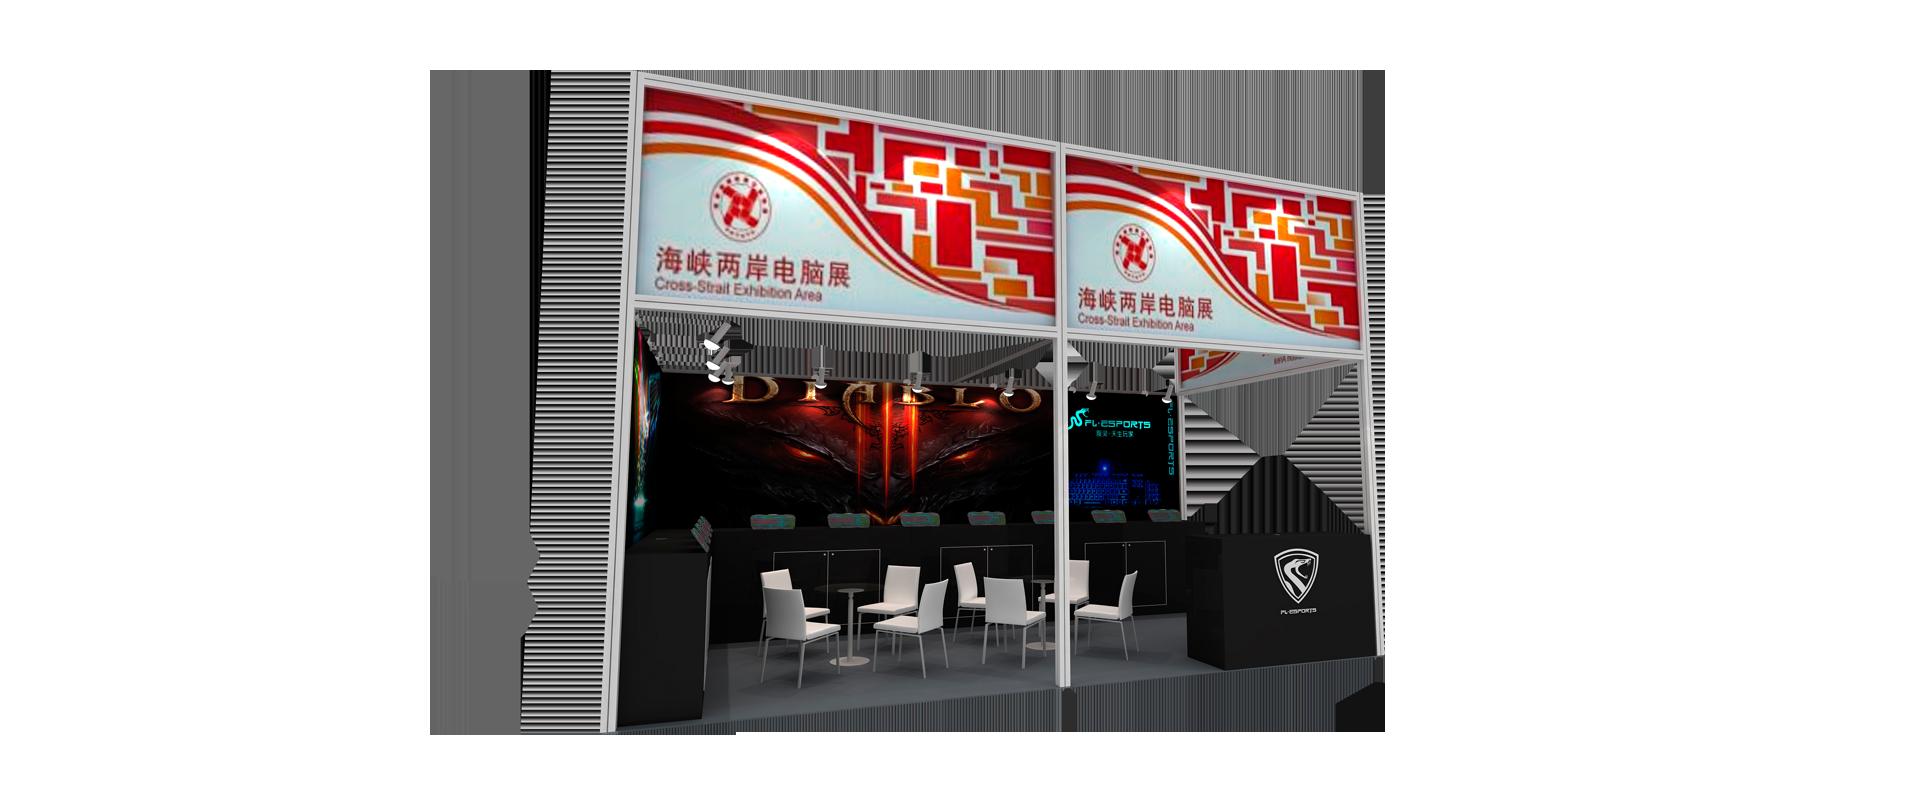 腹灵2016年10月秋季香港展